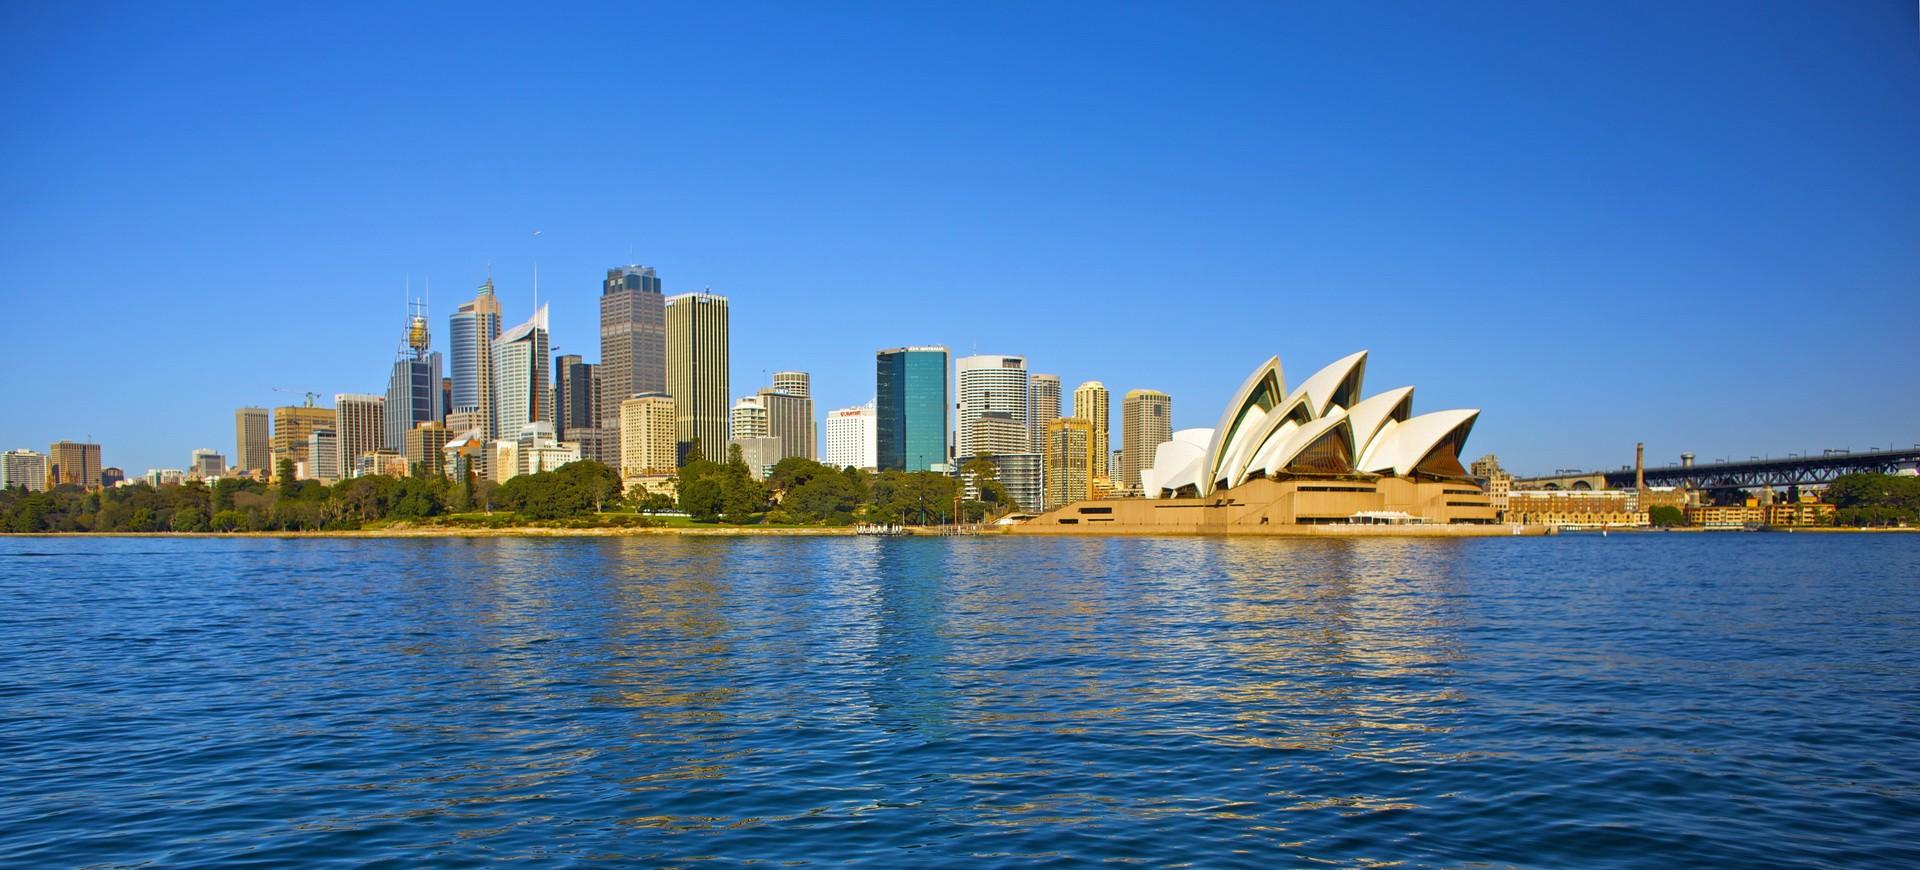 Opéra et Gratte-ciel à Sydney en Australie